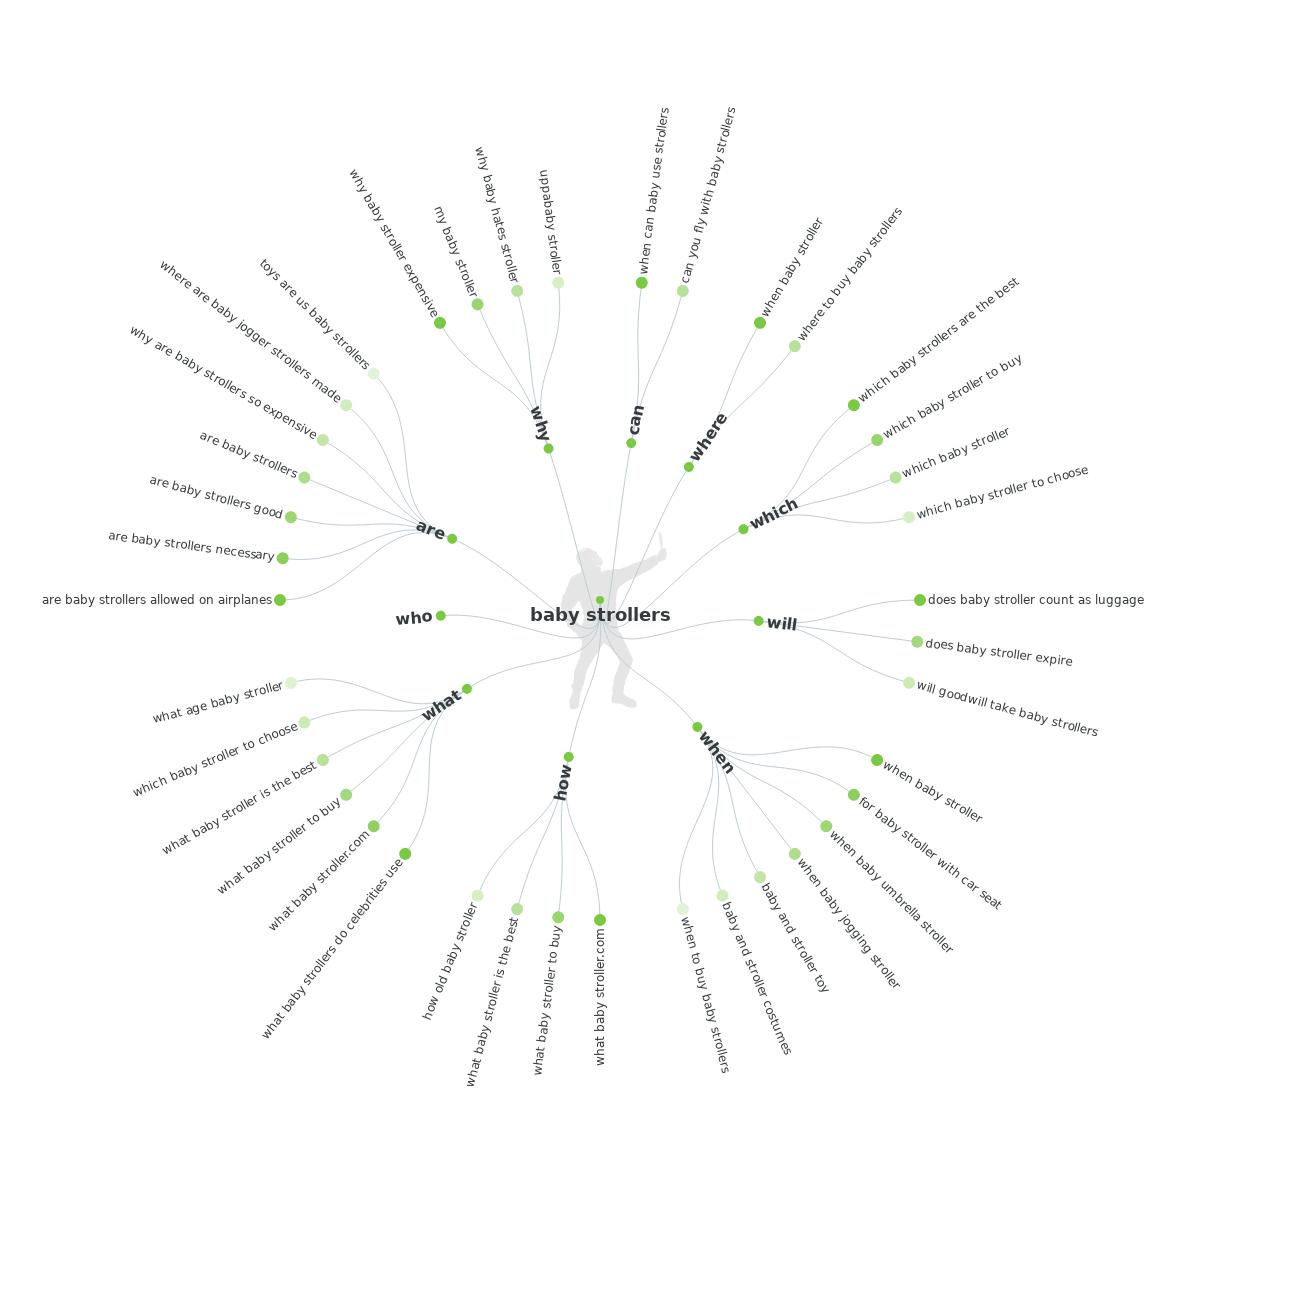 Dotazovací věty navržené nástrojem answerthepublic.com